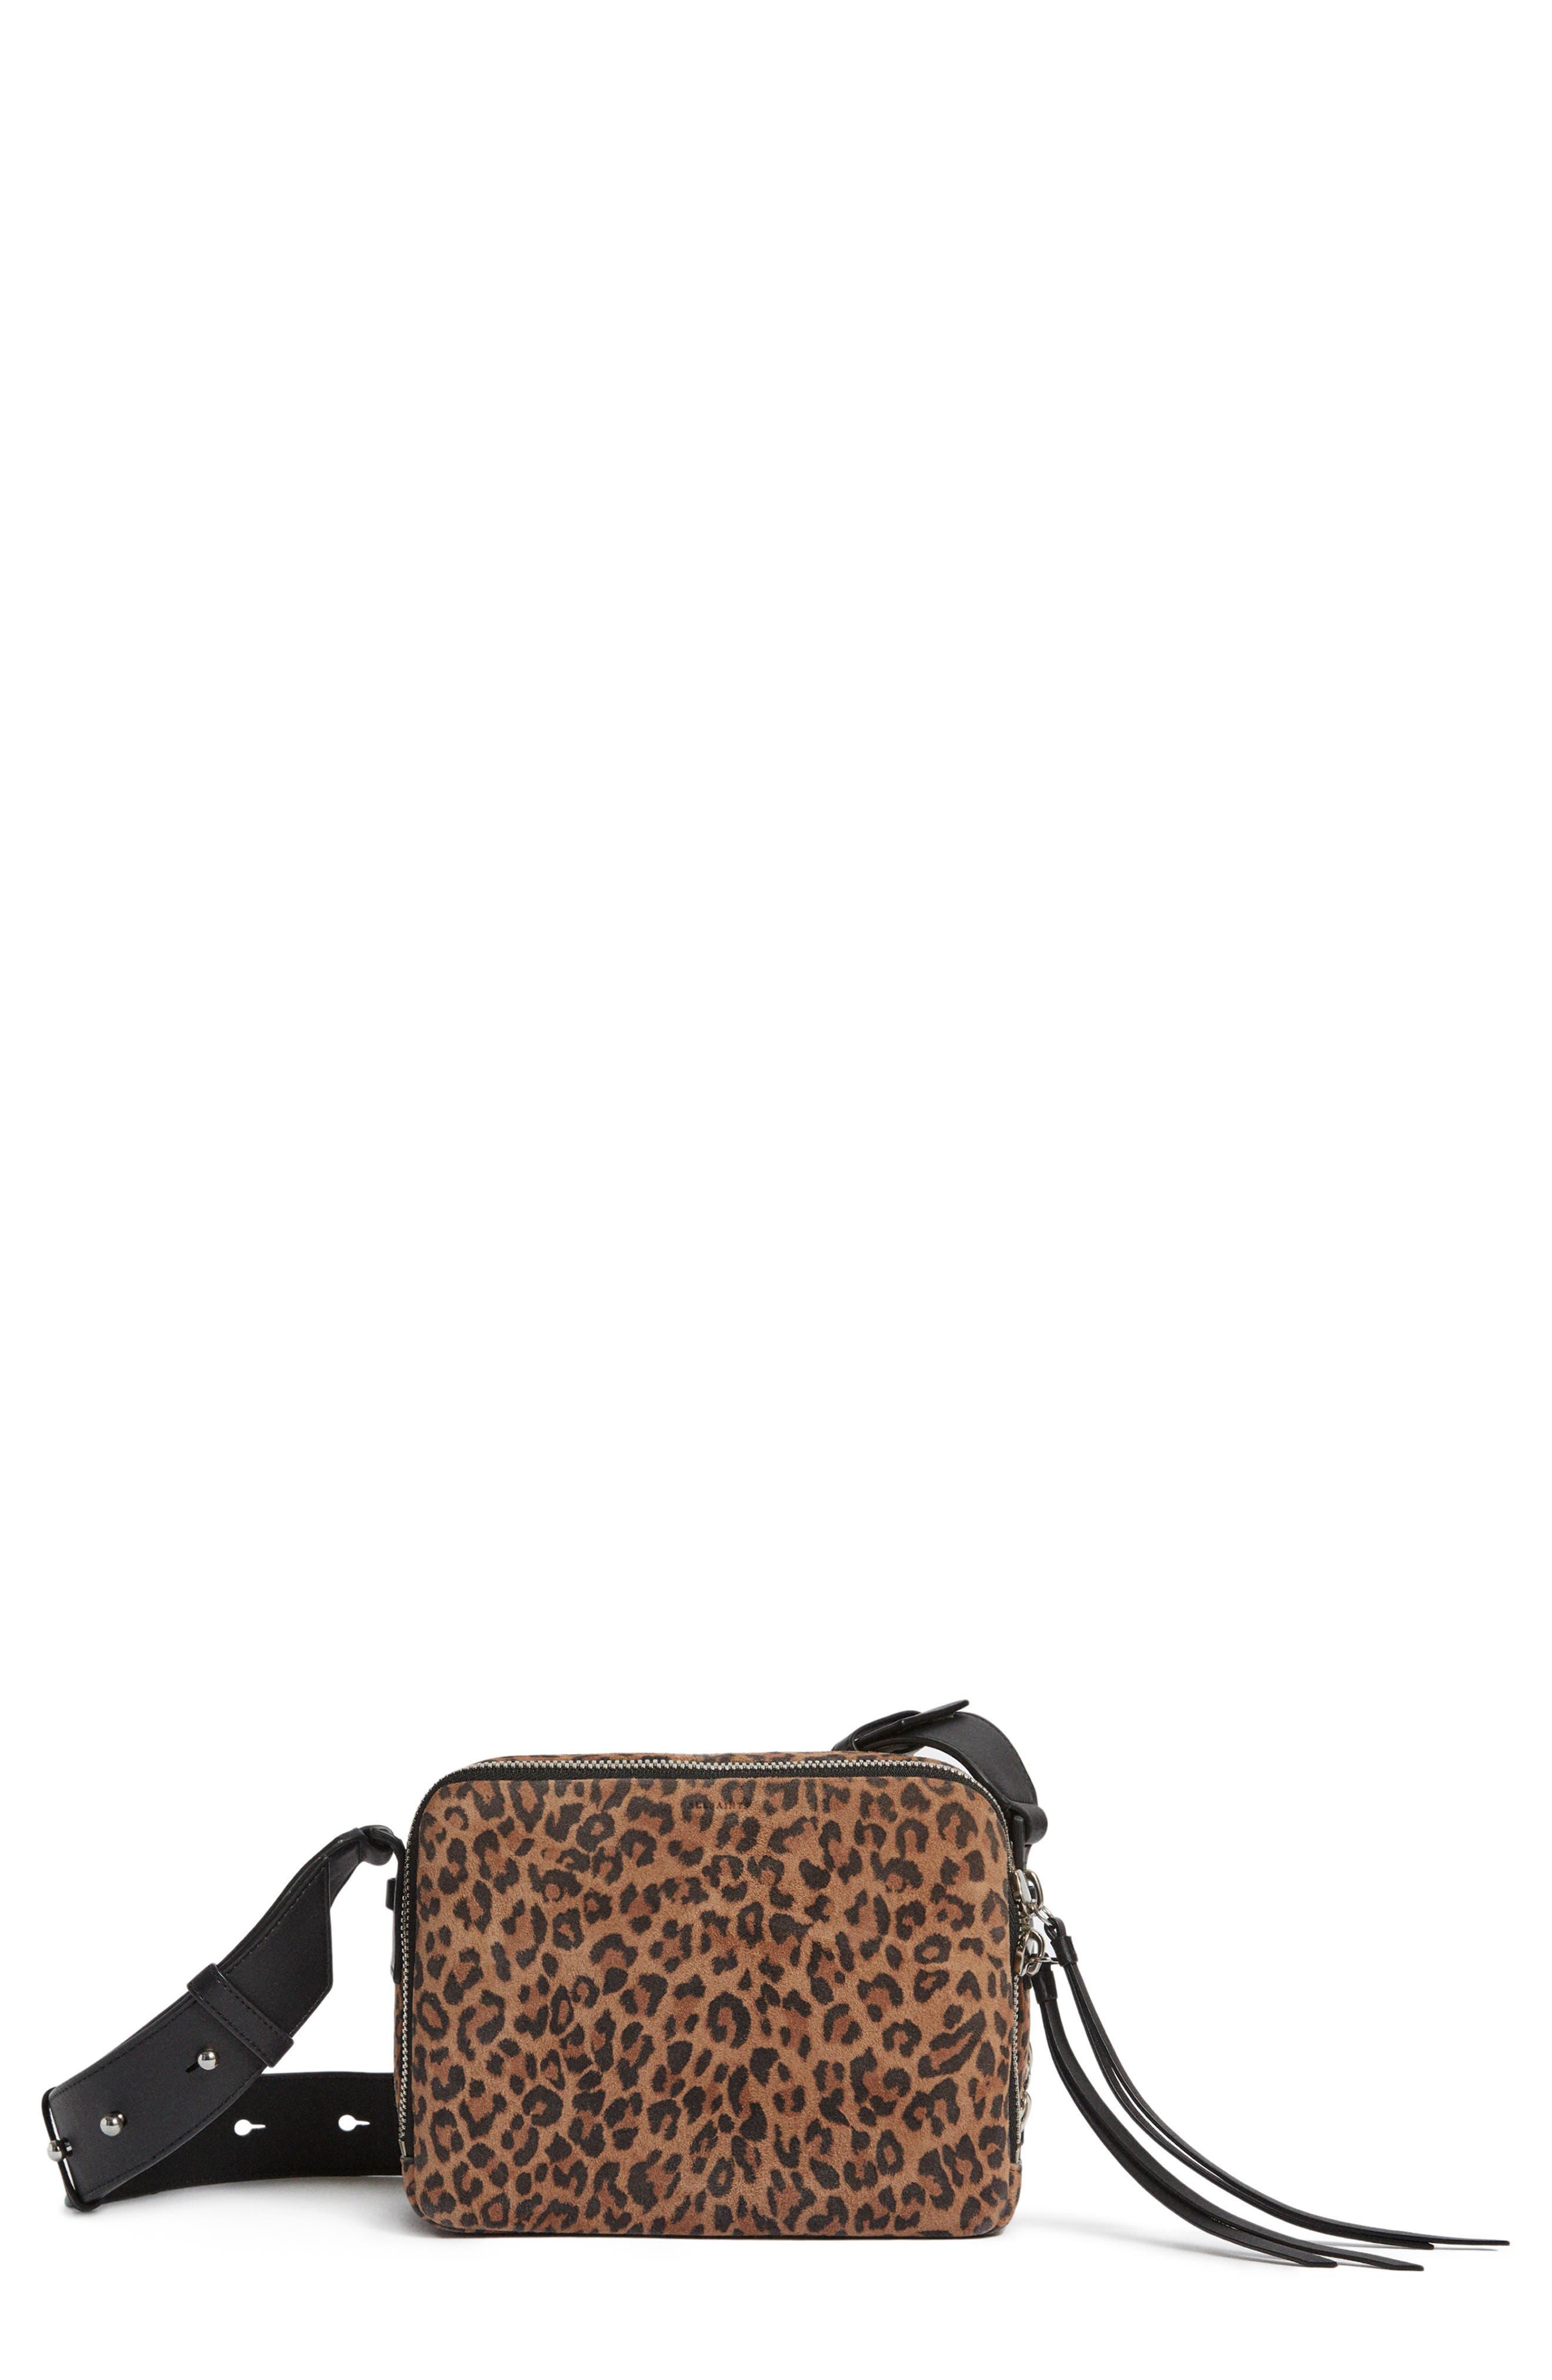 Vincent Leather Crossbody Bag,                             Main thumbnail 1, color,                             LEOPARD/ BLACK